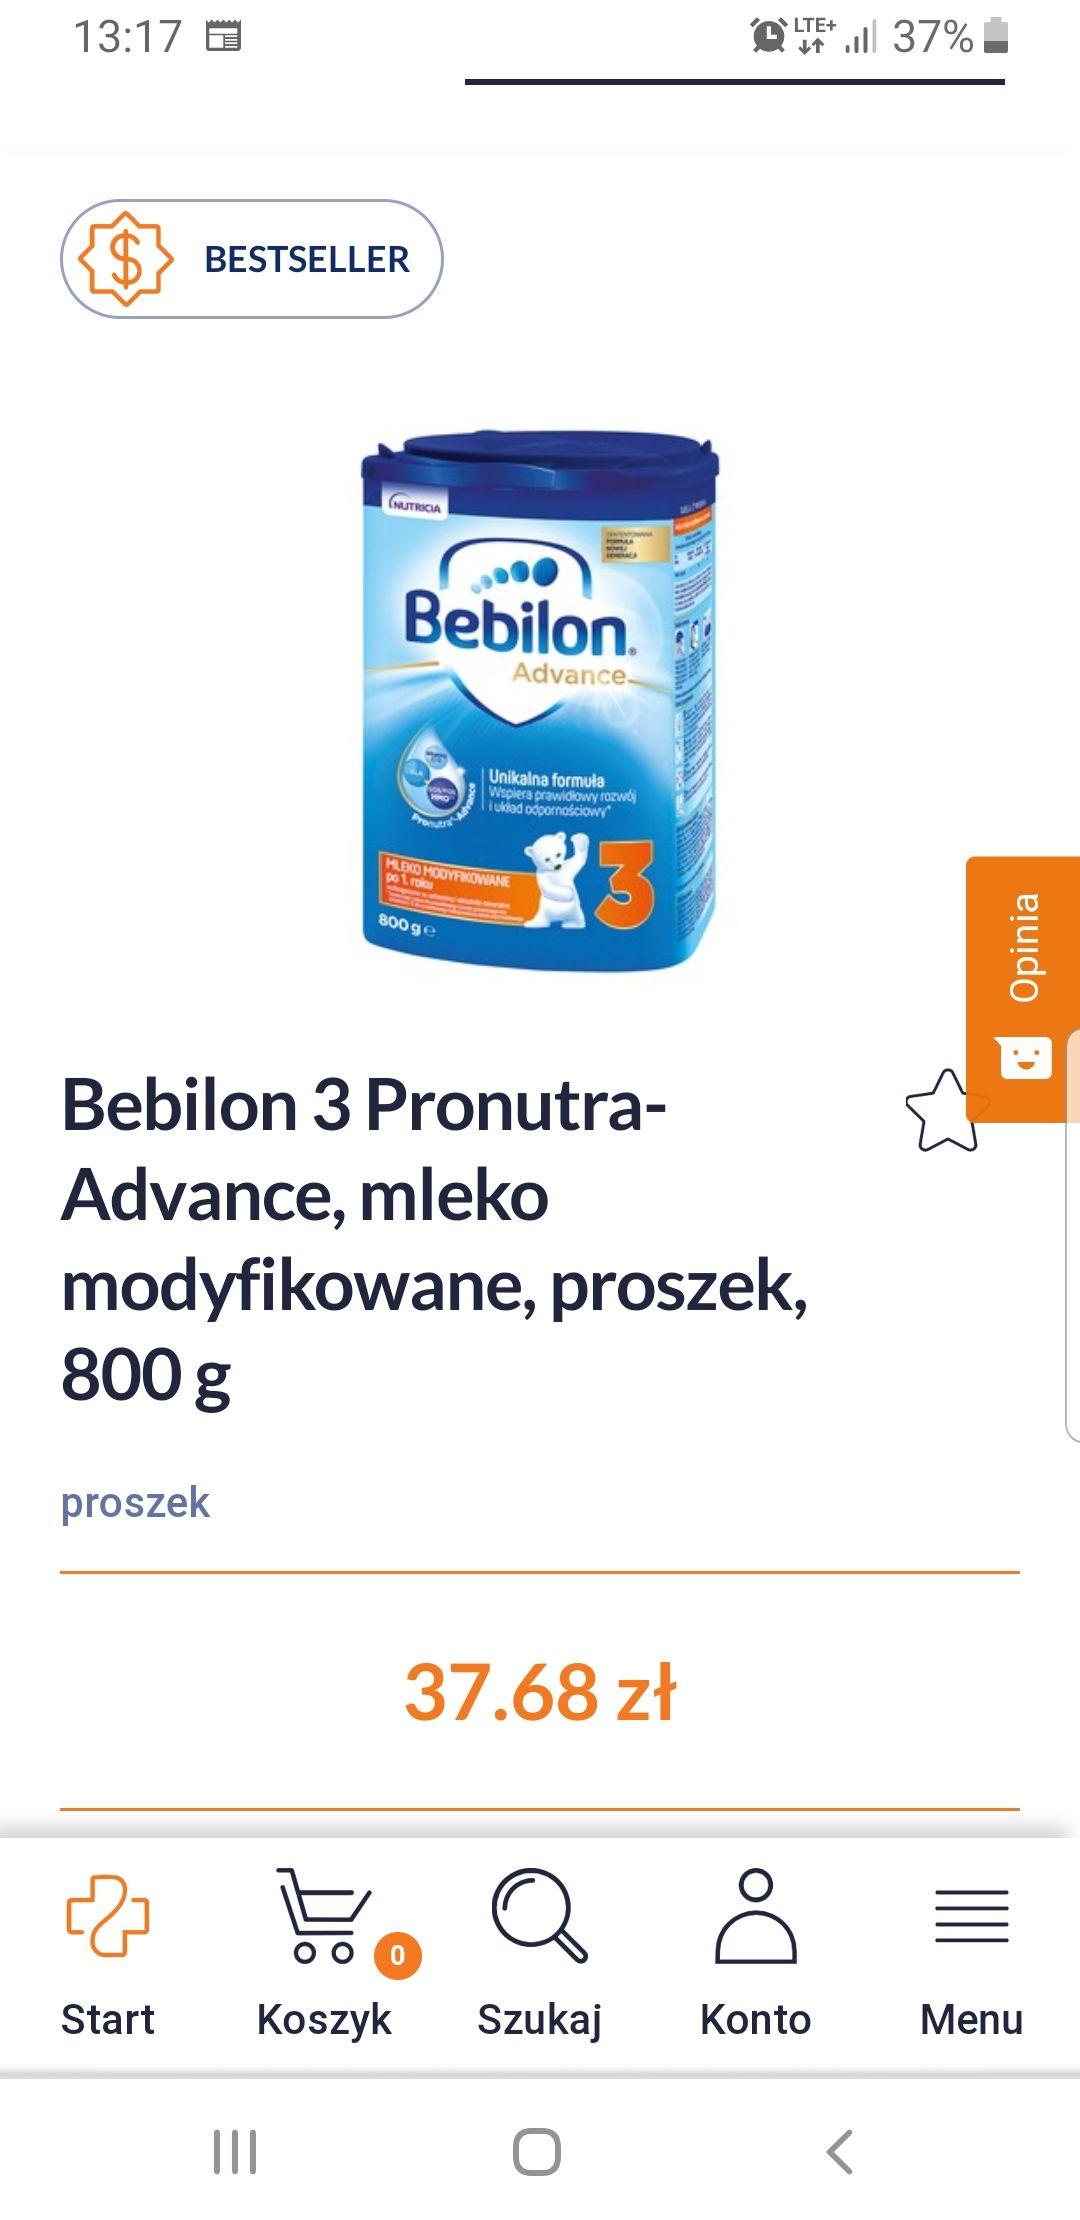 Mleko modyfikowane Bebilon 3